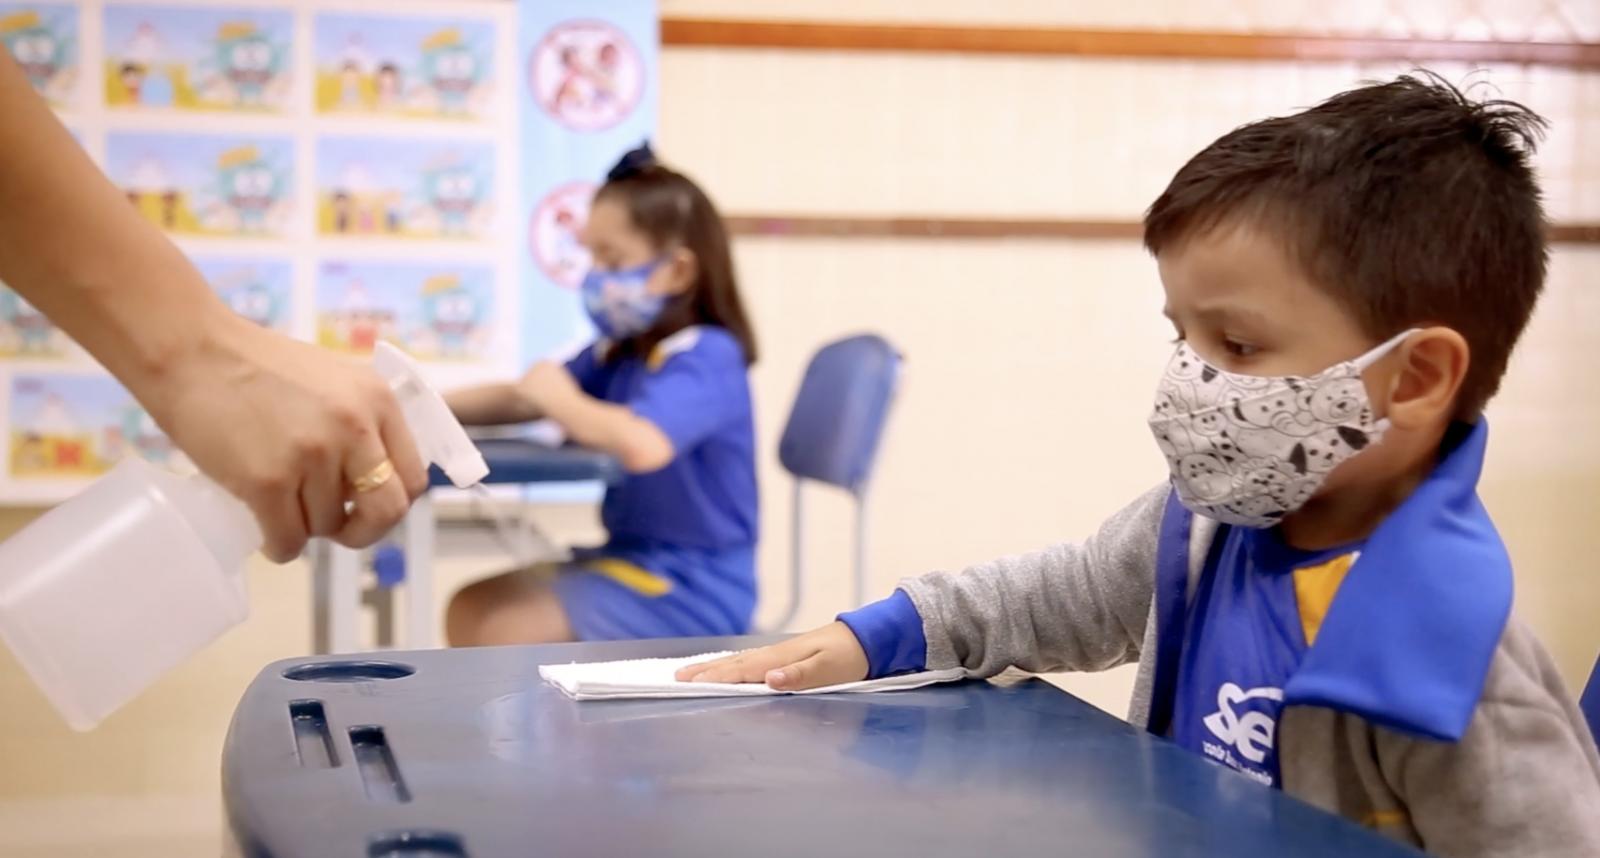 Escola Sesc retoma aulas da Educação Infantil com rodízio de alunos